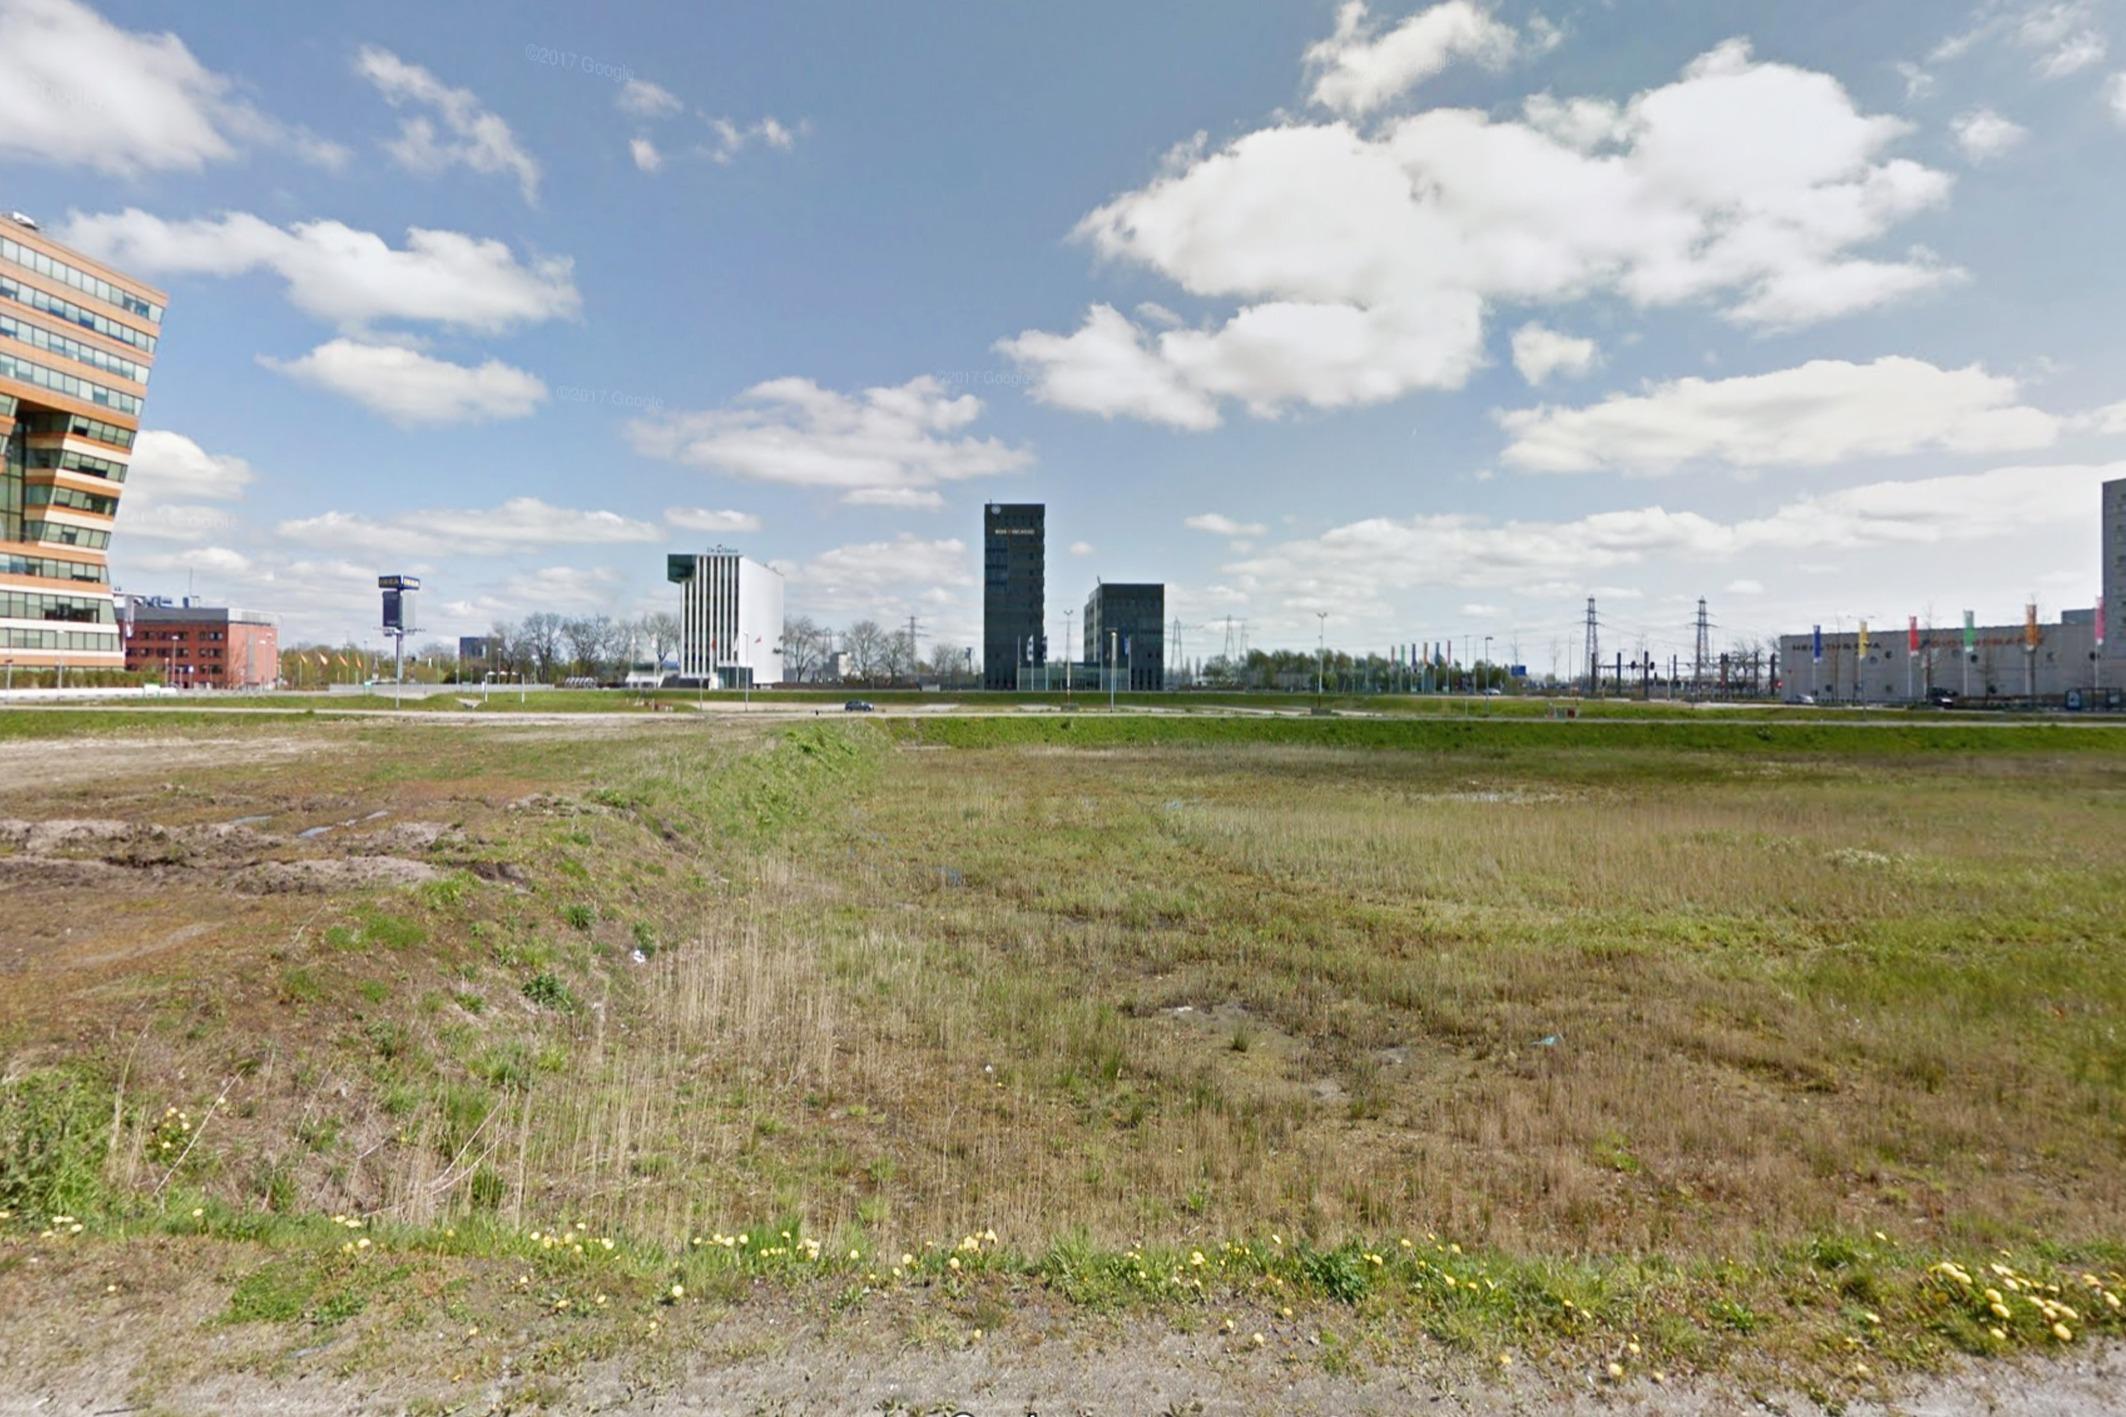 Fresh new Start … korthtielens wint prijsvraag voor woongebouw in Groningen